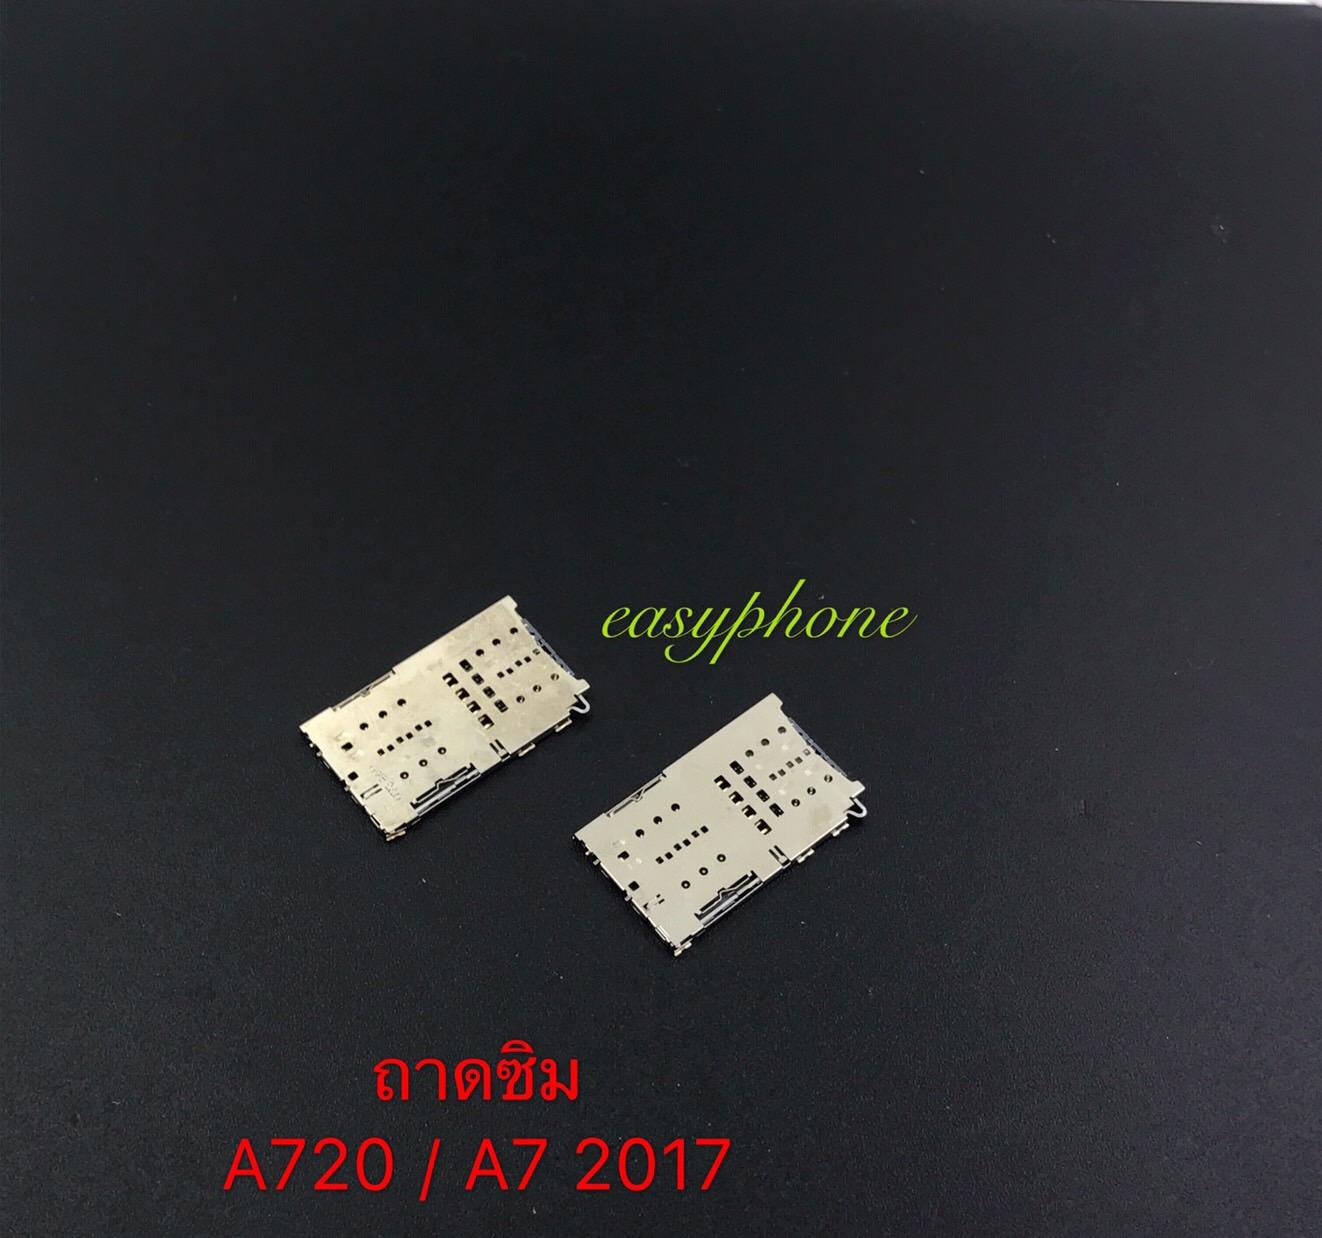 ถาดซิม Samsung A720/A7(2017)